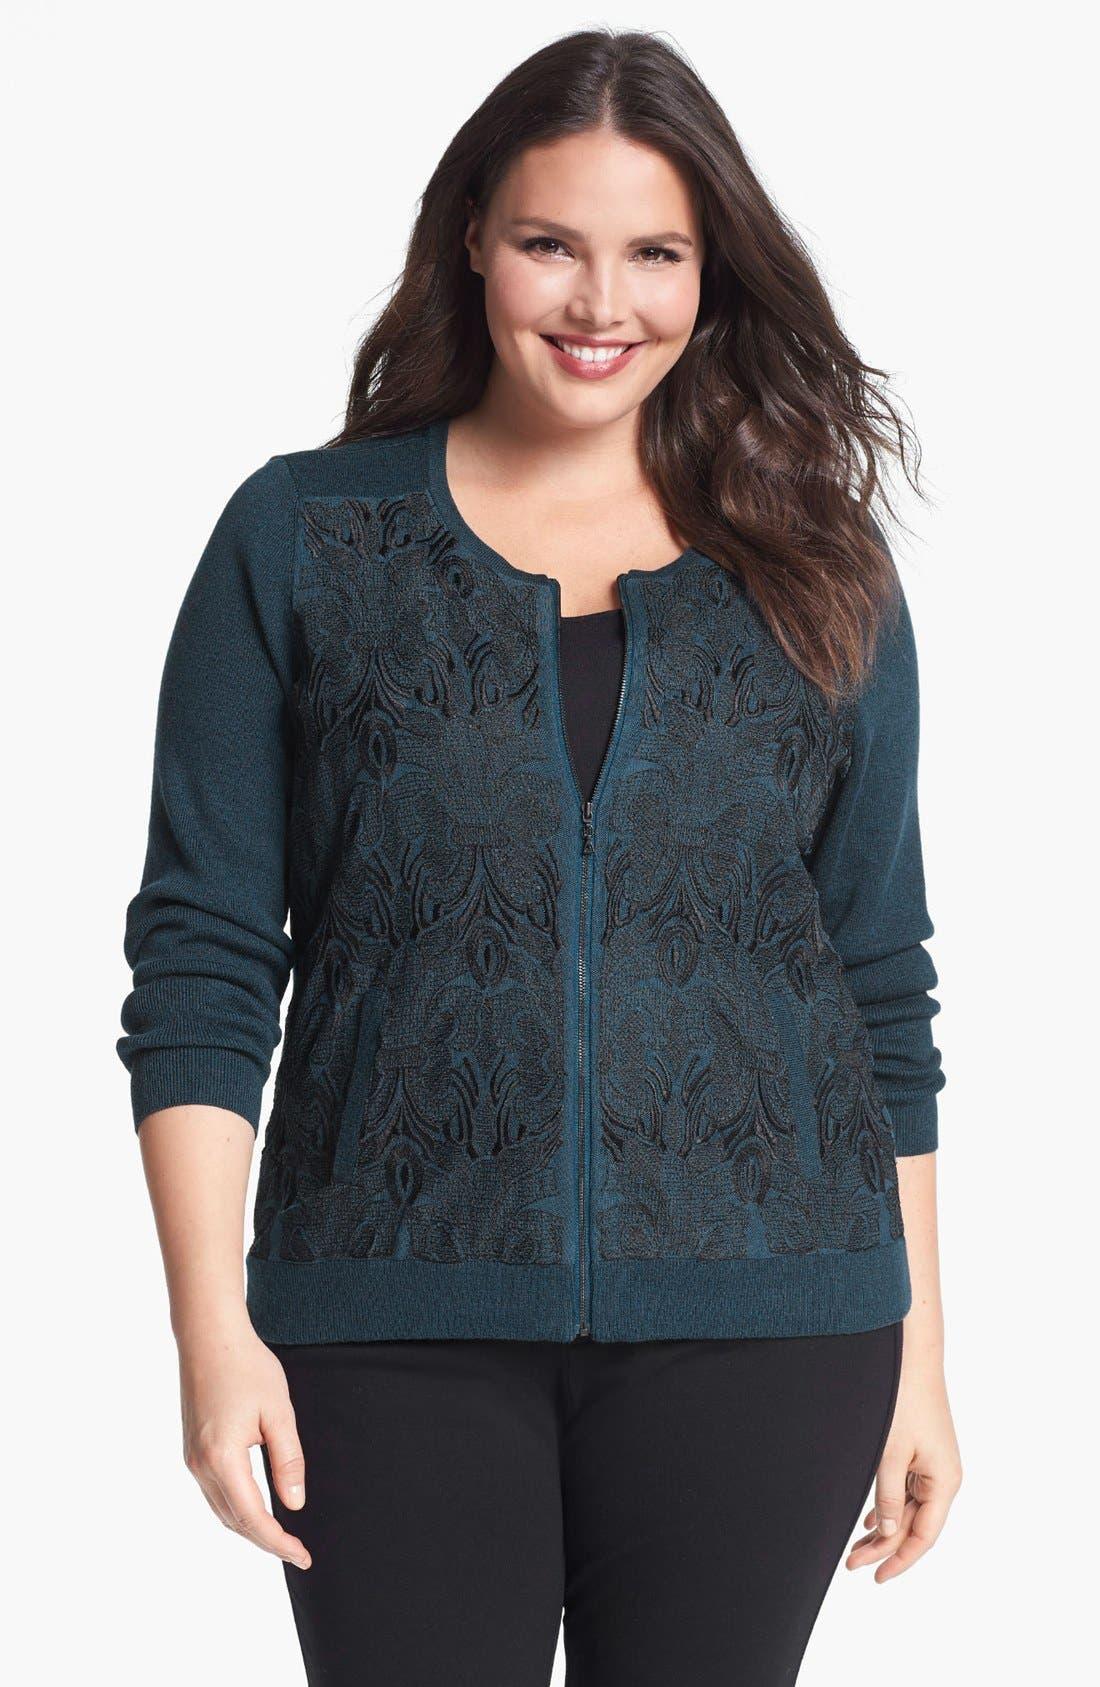 Main Image - NIC+ZOE Lace Front Sweater Jacket (Plus Size)